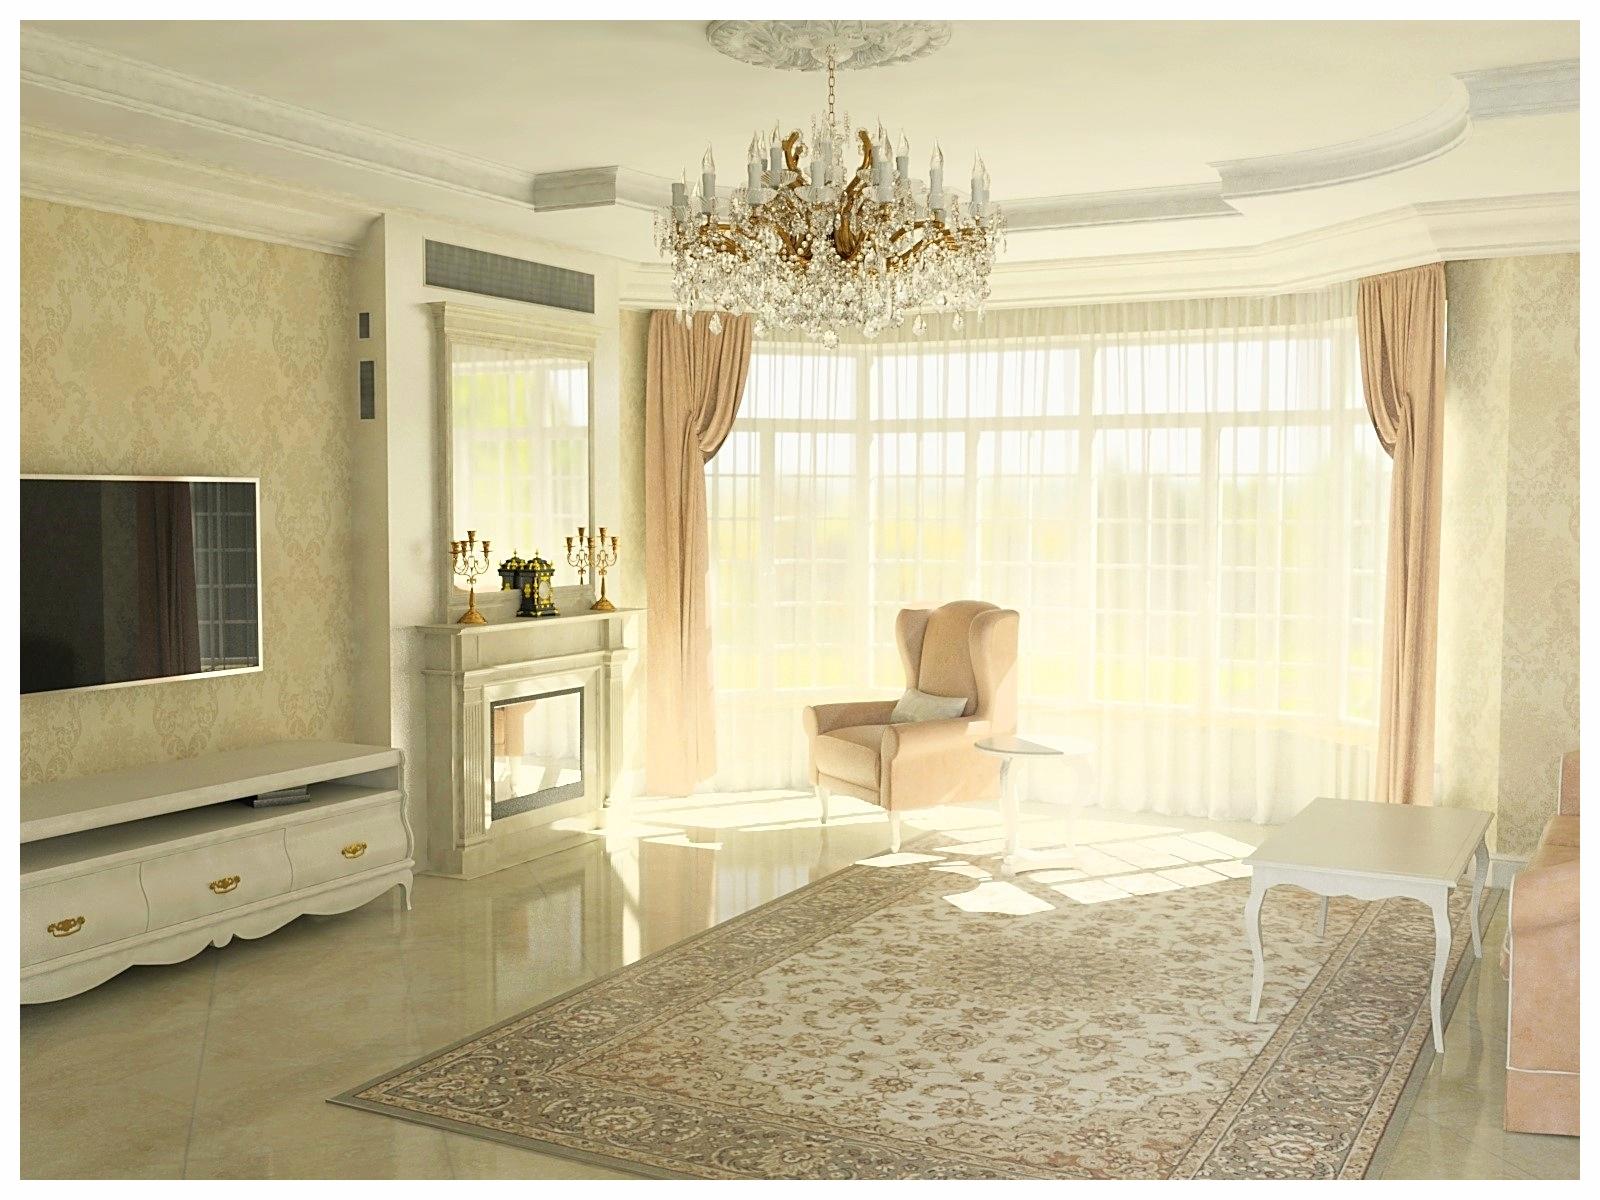 Дизайн интерьеров дома в классическом стиле. Гостиная 2.